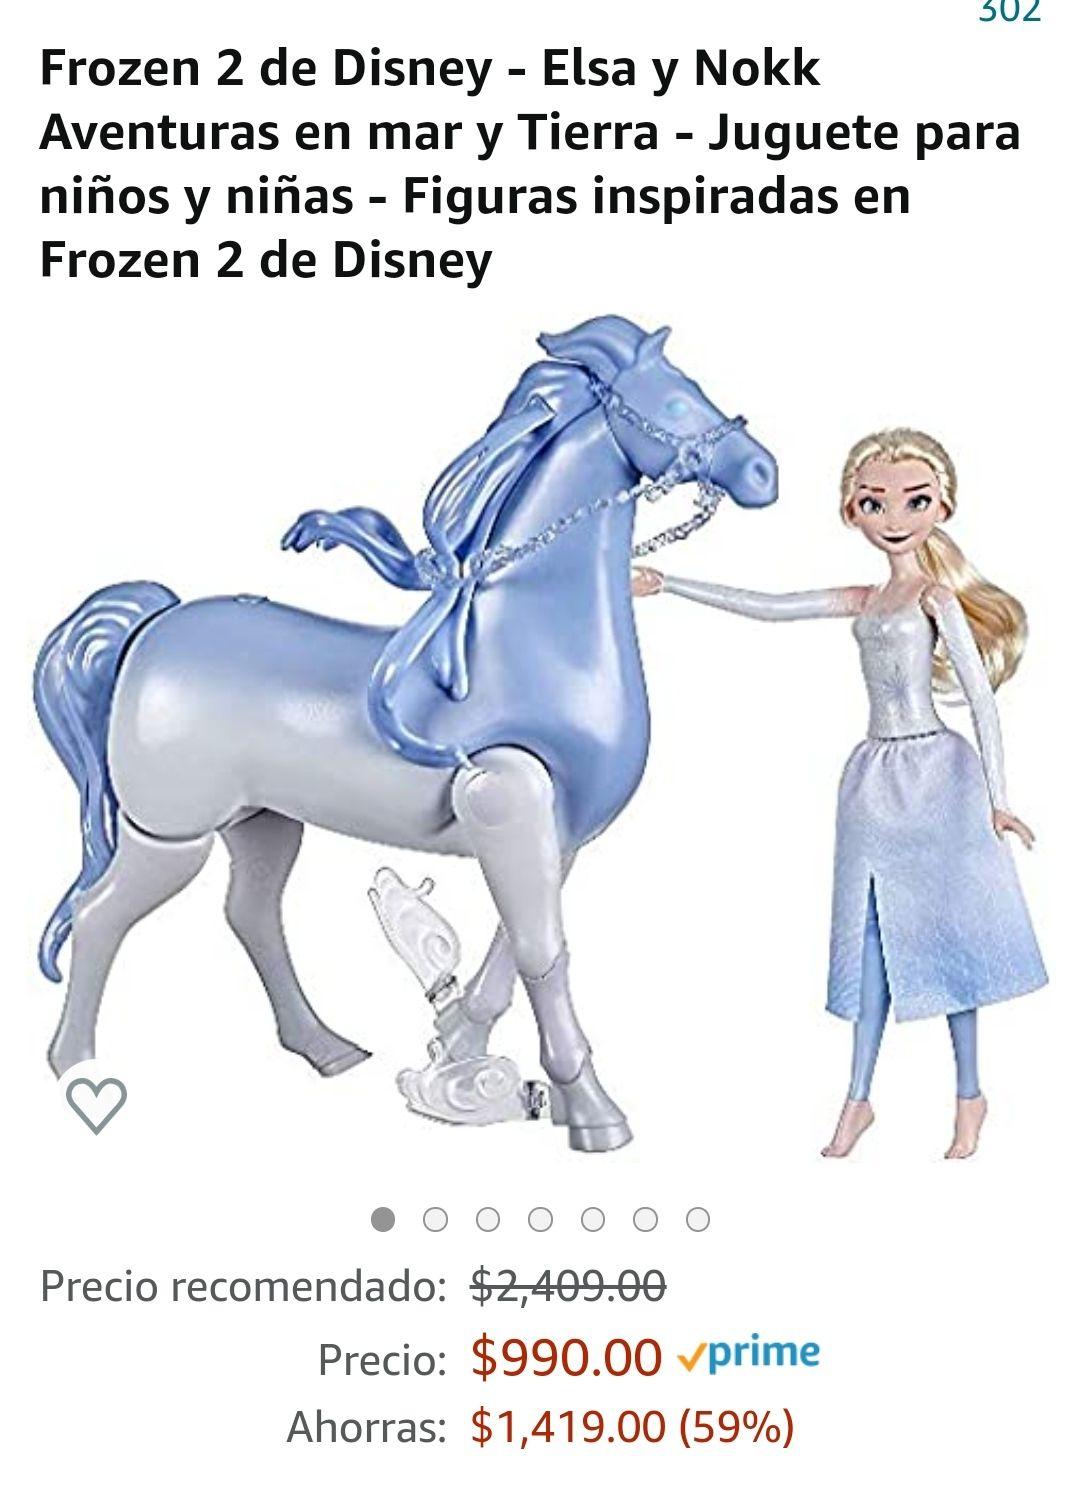 Amazon: ¡Caballo que nada! Frozen 2 de Disney - Elsa y Nokk Aventuras en mar y Tierra